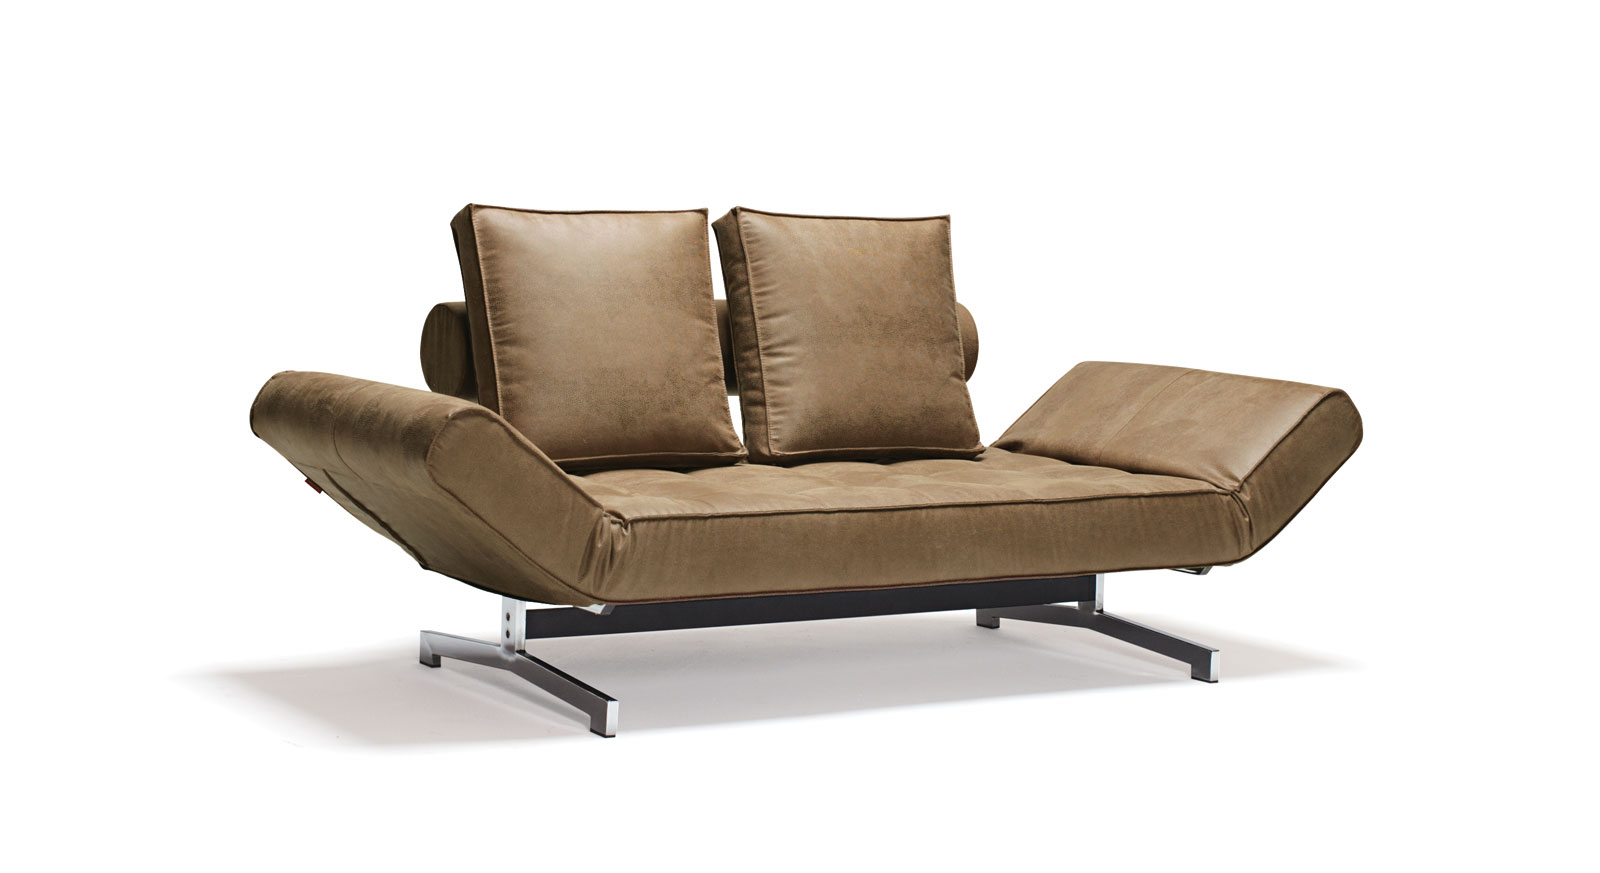 schlafsofa leder latest vreta von ikea schwarz wie neu. Black Bedroom Furniture Sets. Home Design Ideas